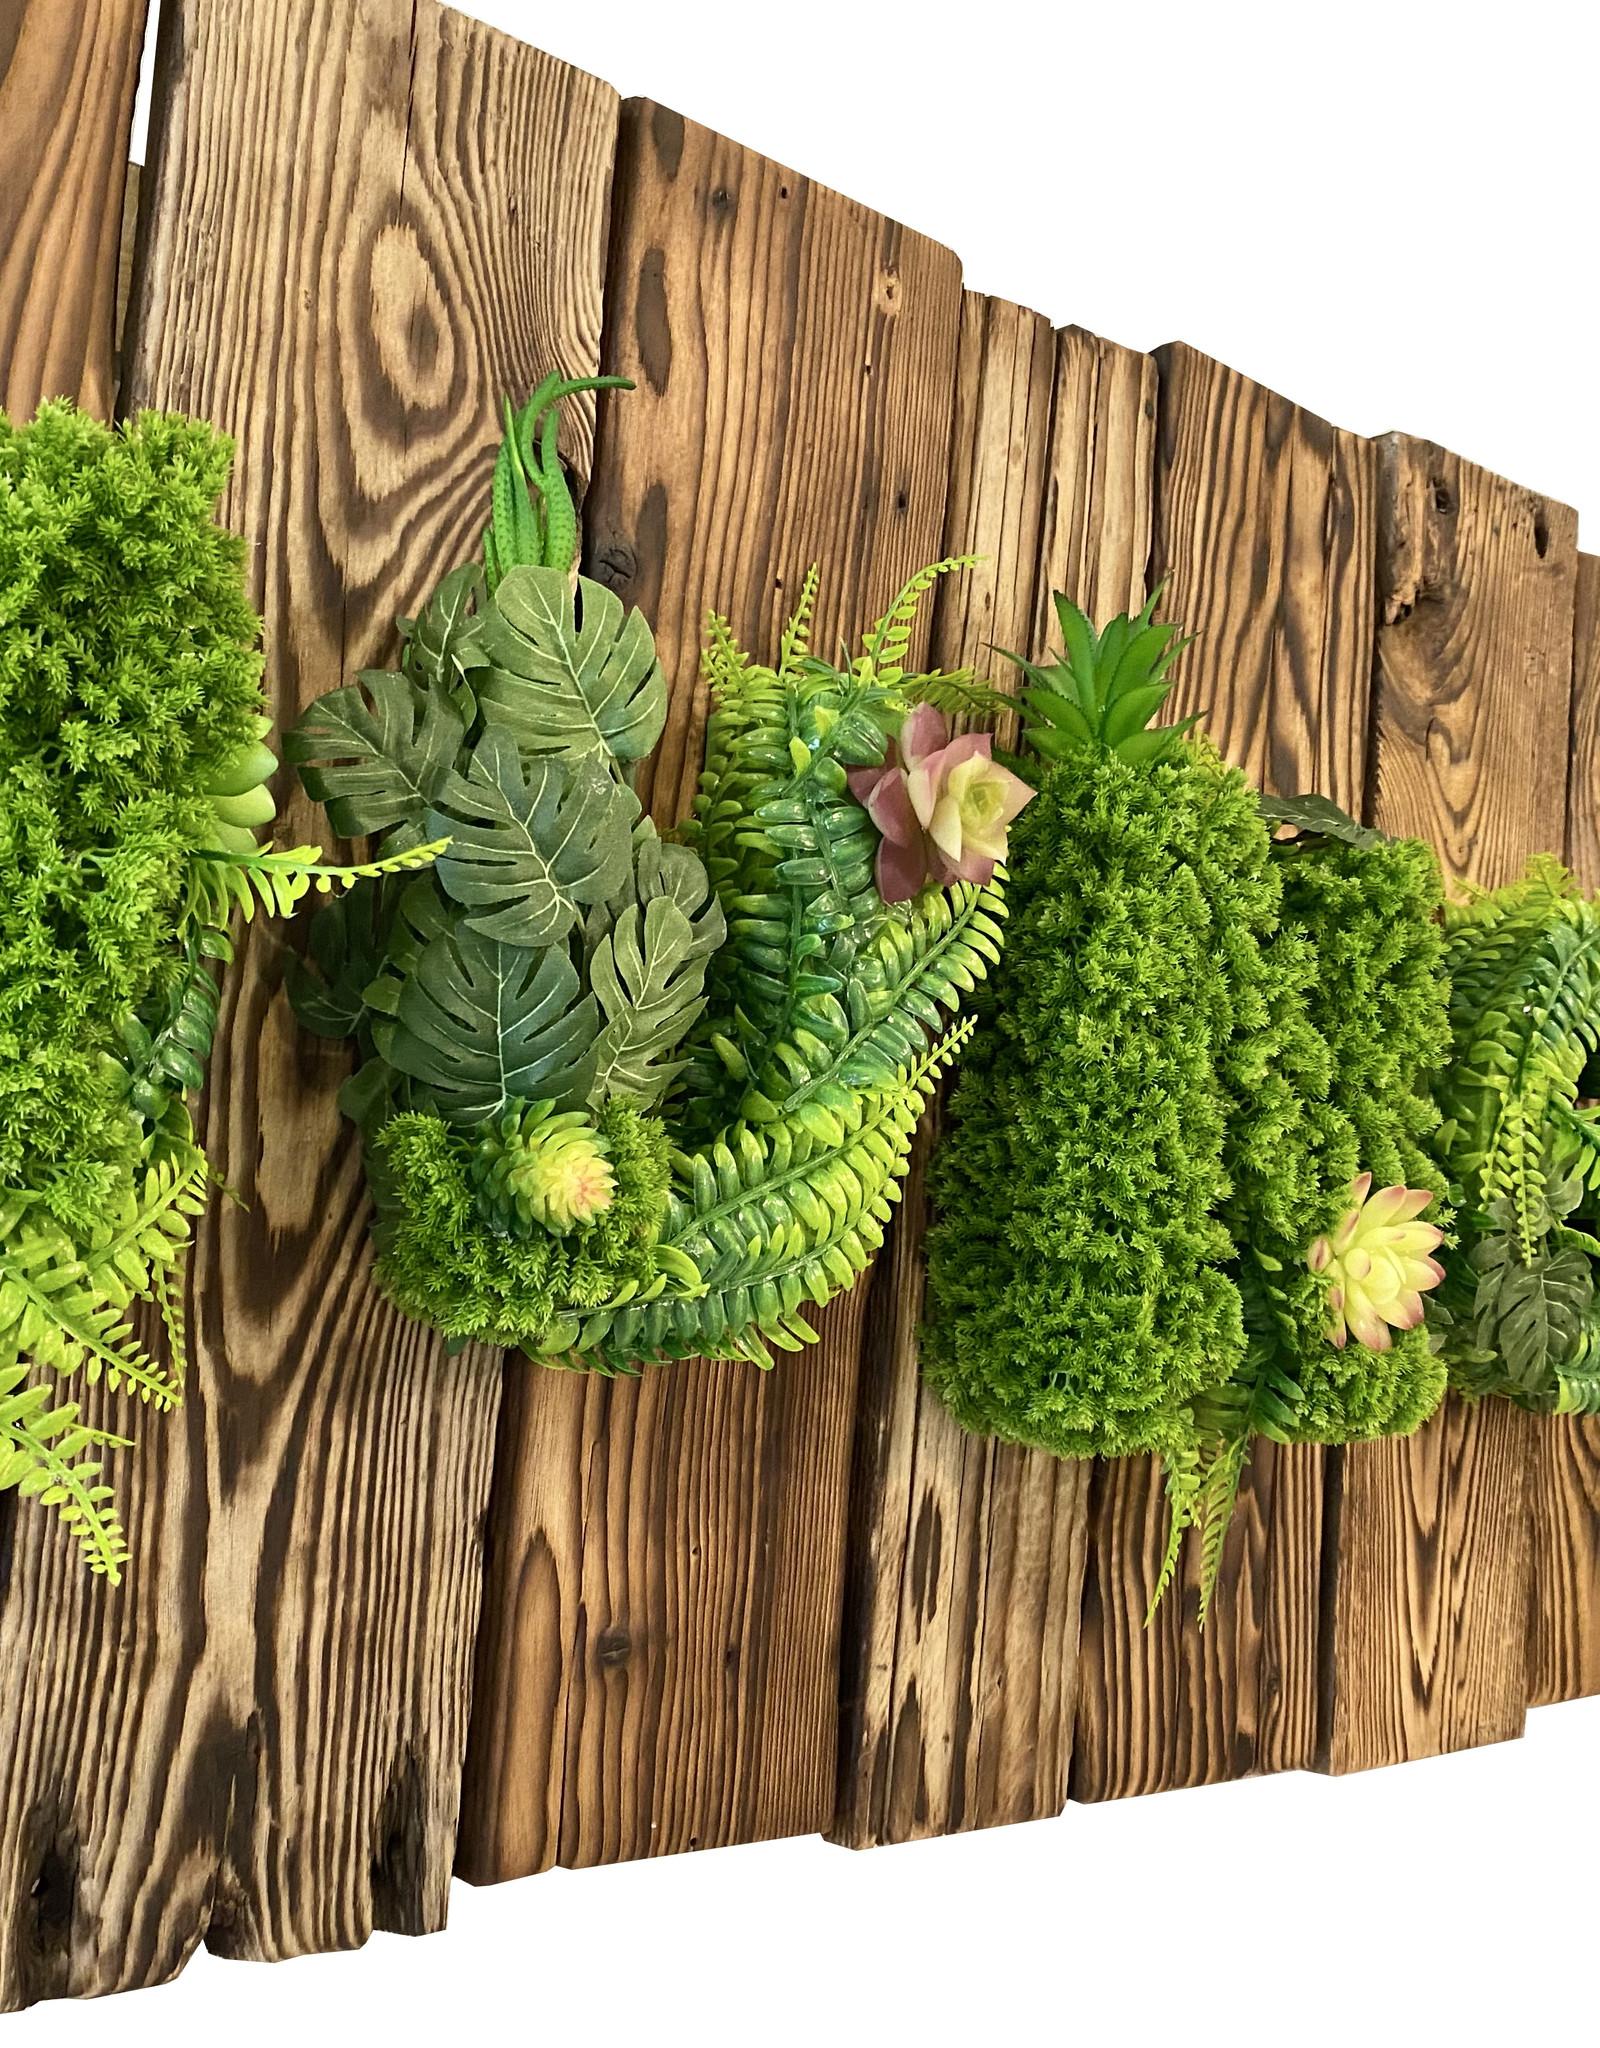 Jungle Bild auf abgeflammten Holz